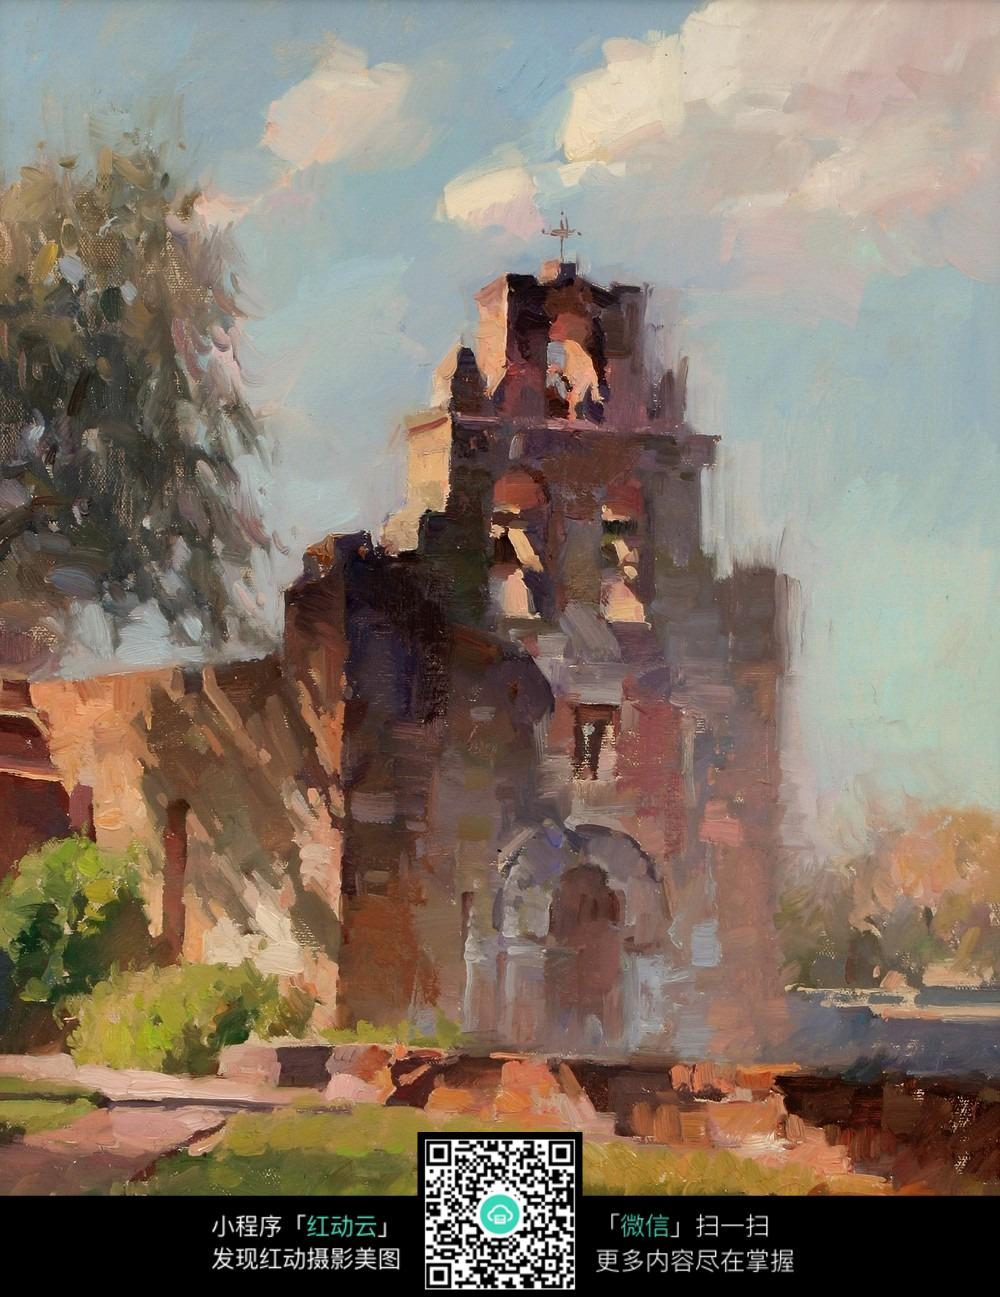 海岸边的古堡图片免费下载 编号5303642 红动网